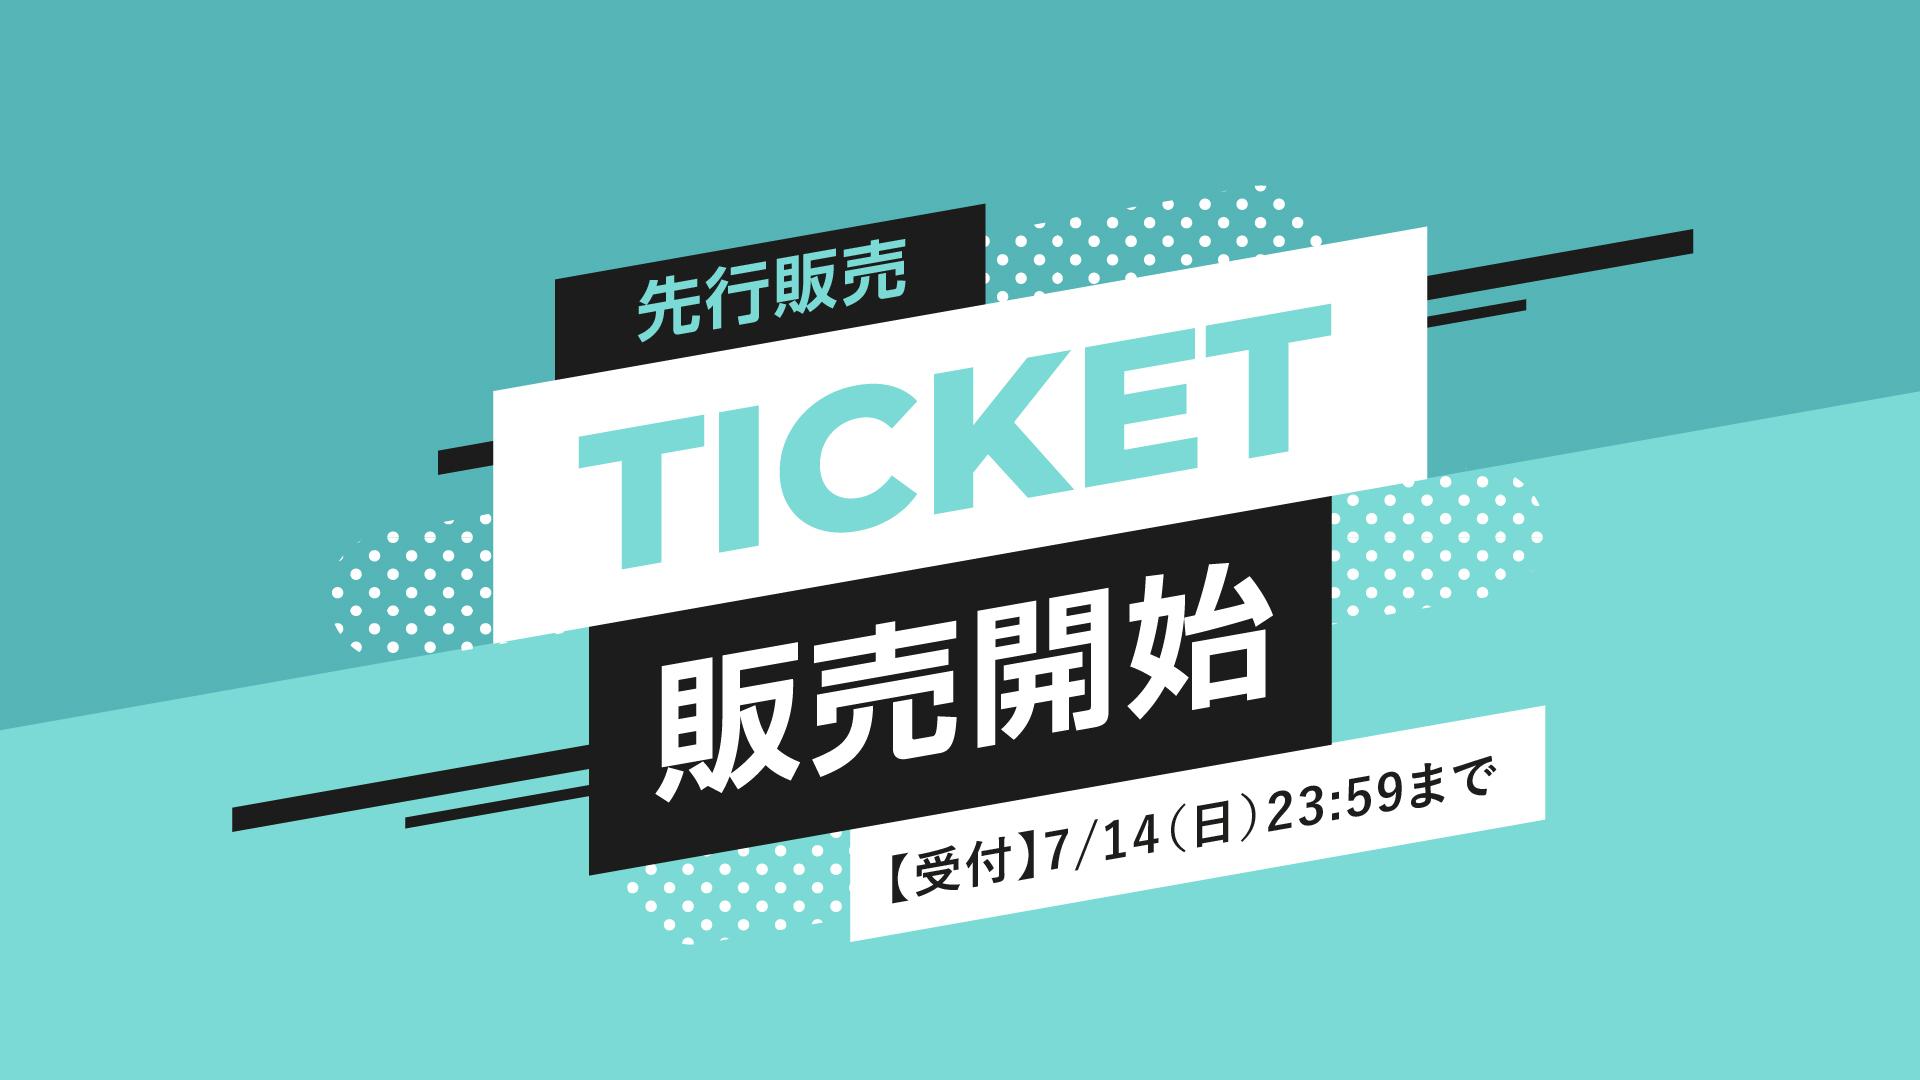 セブン-イレブンWEB先行先着チケット販売開始!